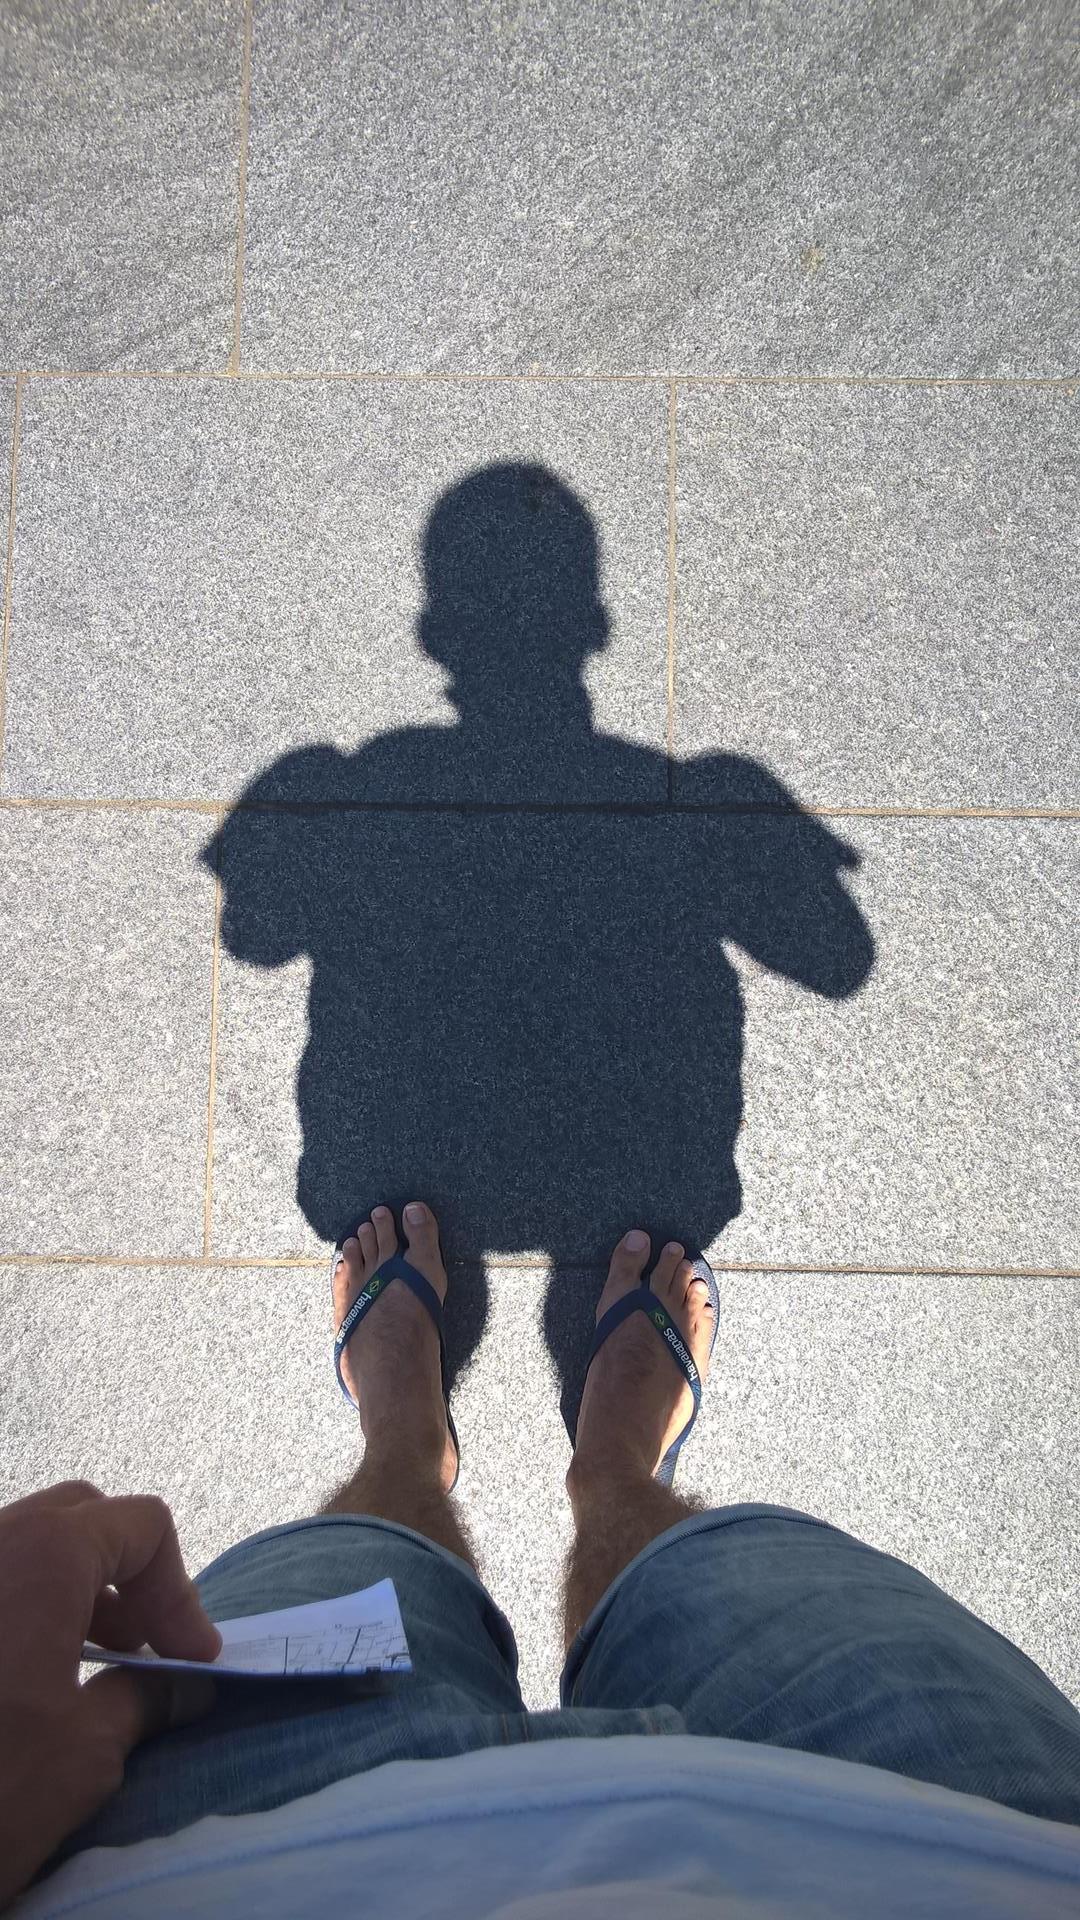 Nicht sehr weit weg von der Sonne: Der Schatten ist wieder ziemlich kurz